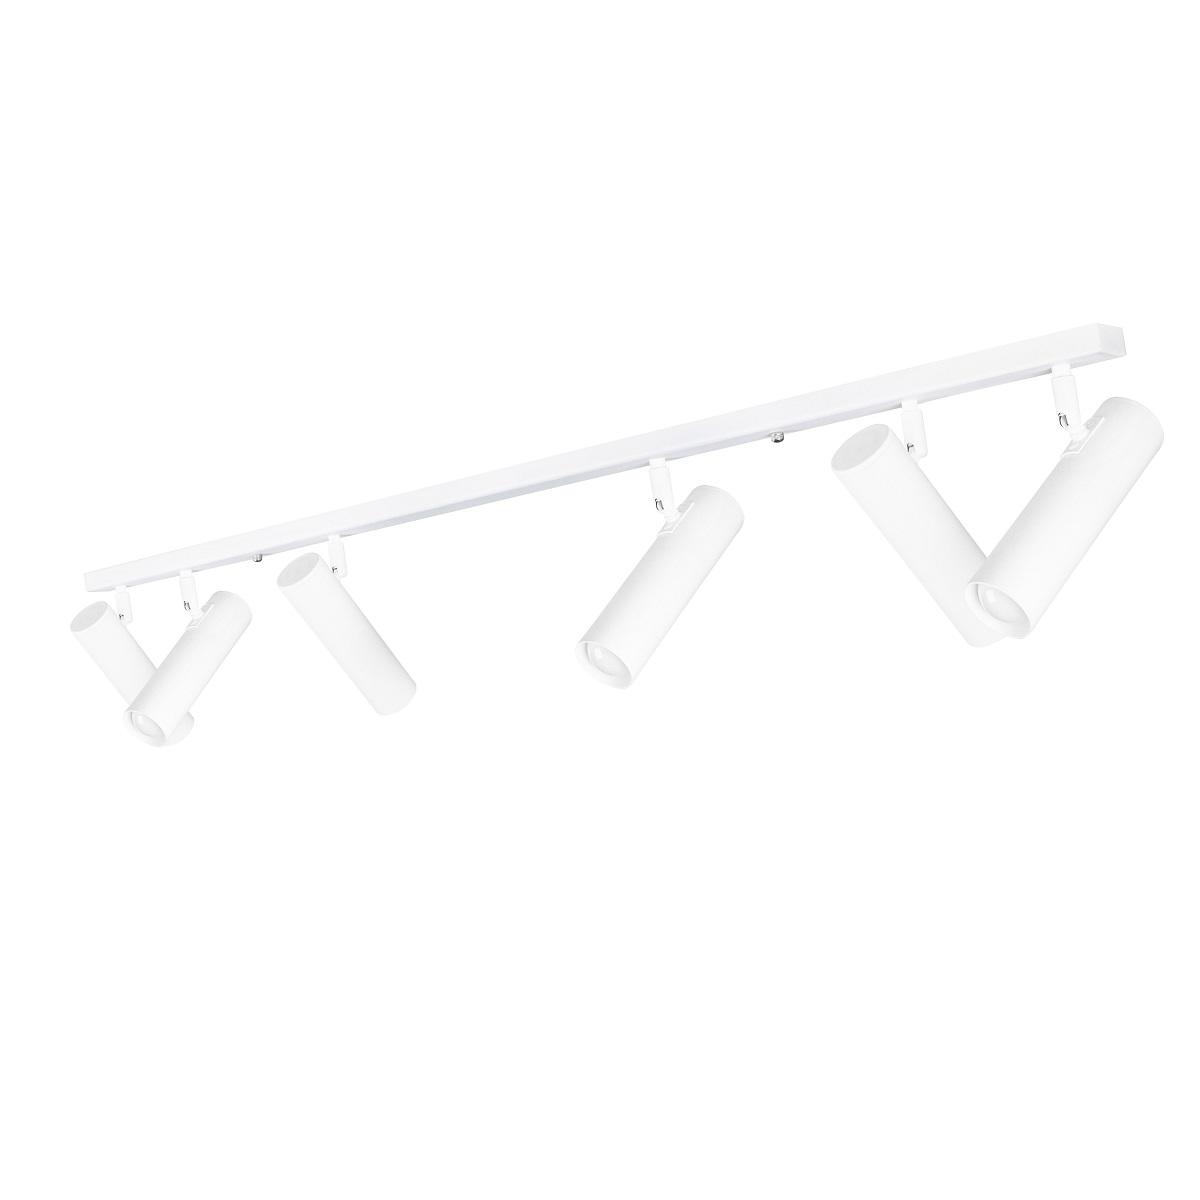 Светильники ЛОФТ - Люстра лофт потолочная с поворотным плафоном 000002809 - Фото 1